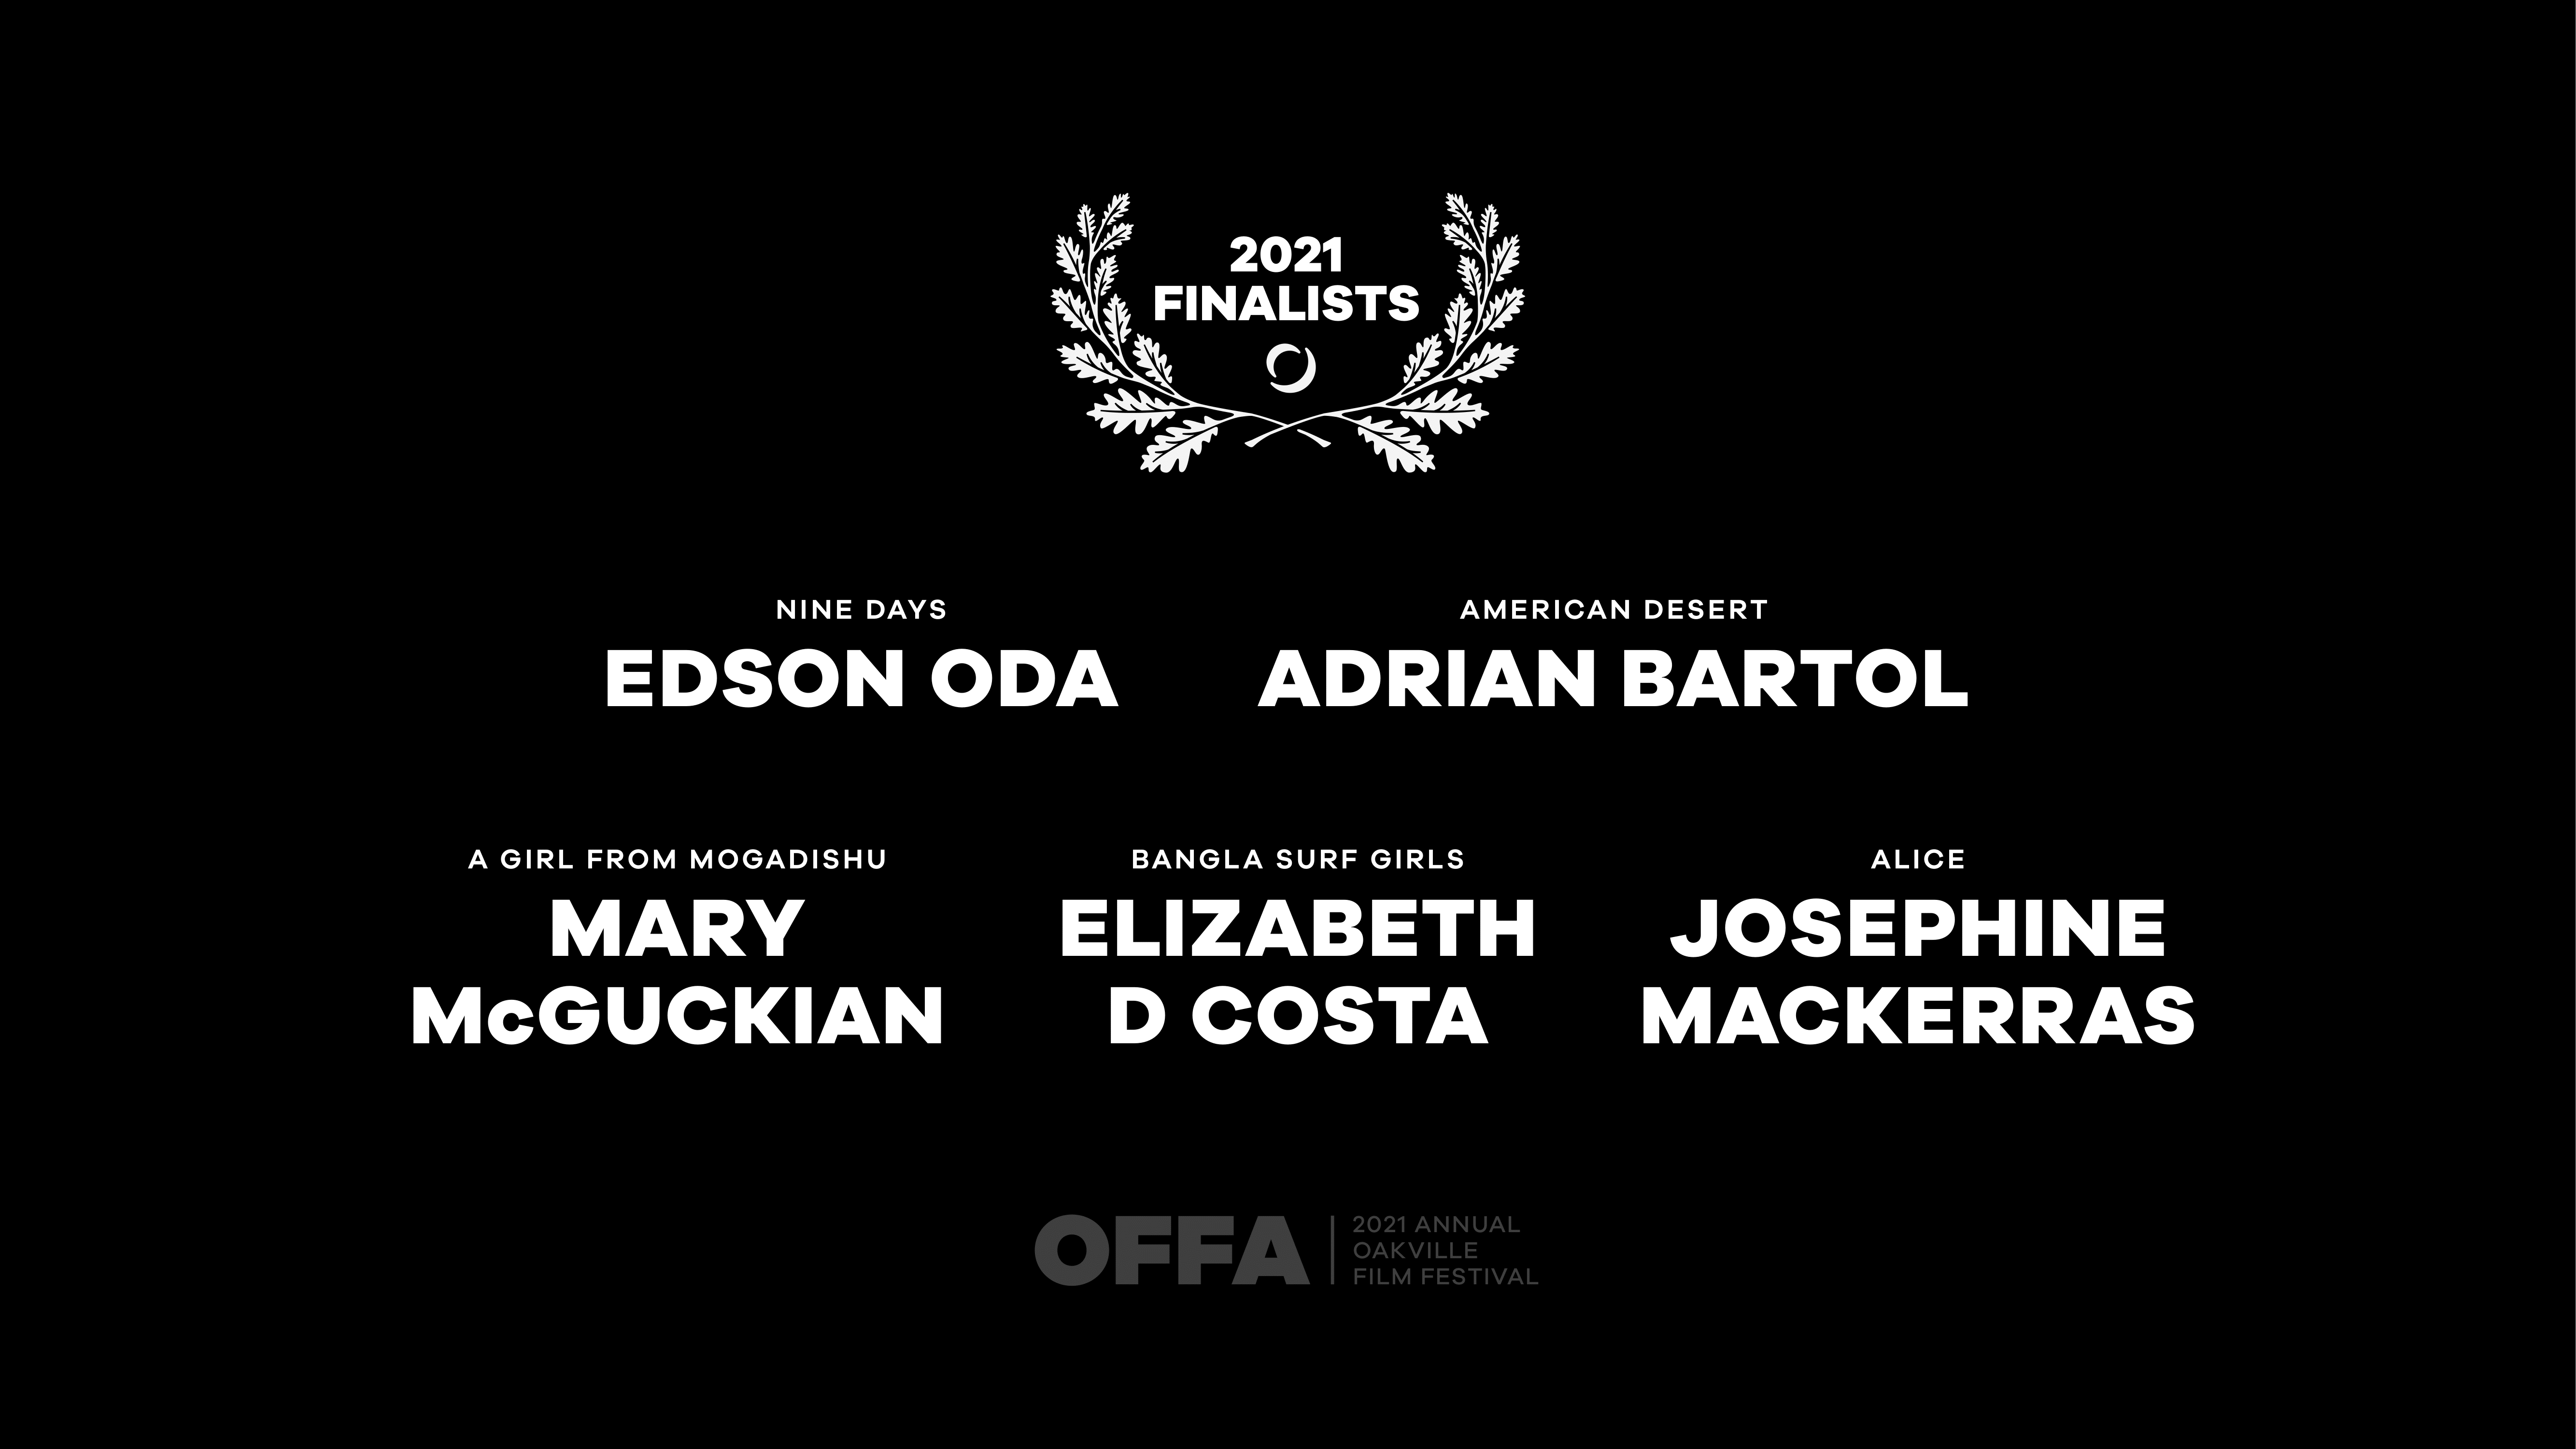 OFFA 2021 Best International Director Finalists